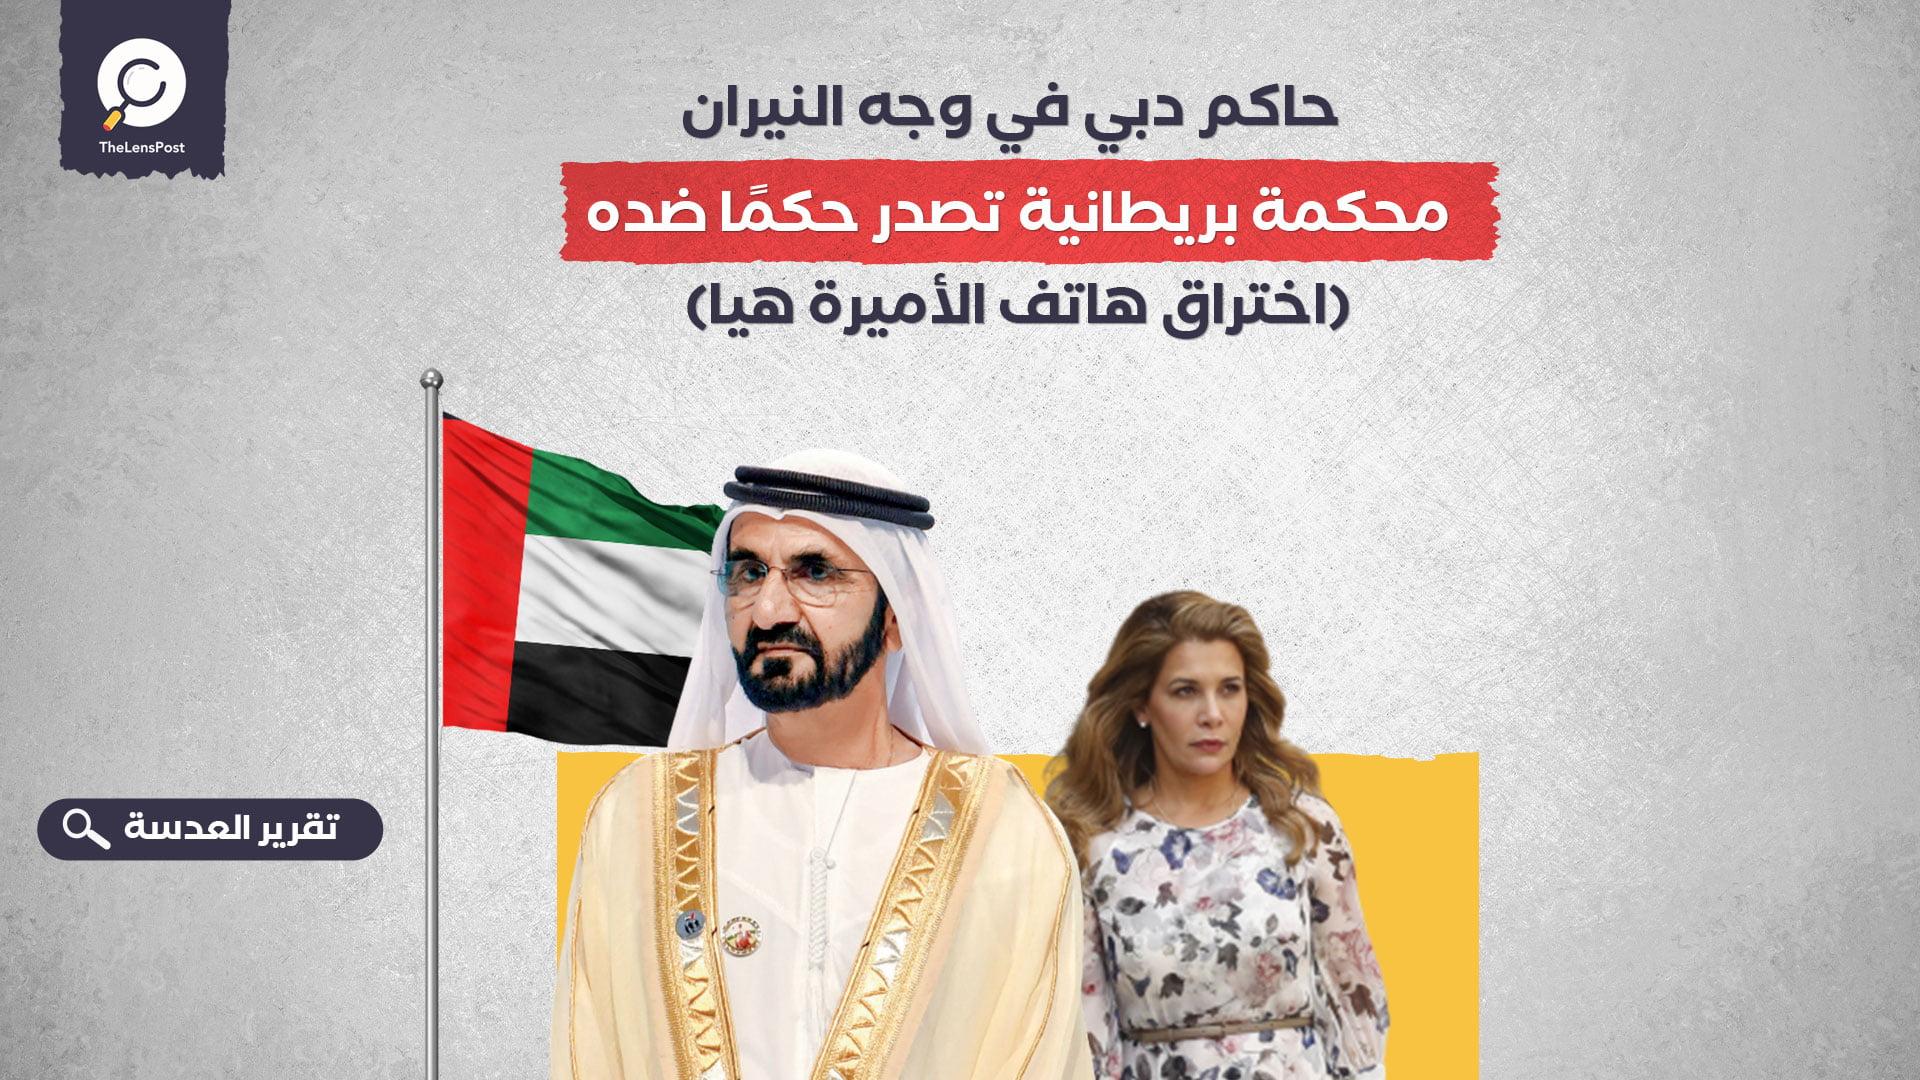 حاكم دبي في وجه النيران.. محكمة بريطانية تصدر حكمًا ضده